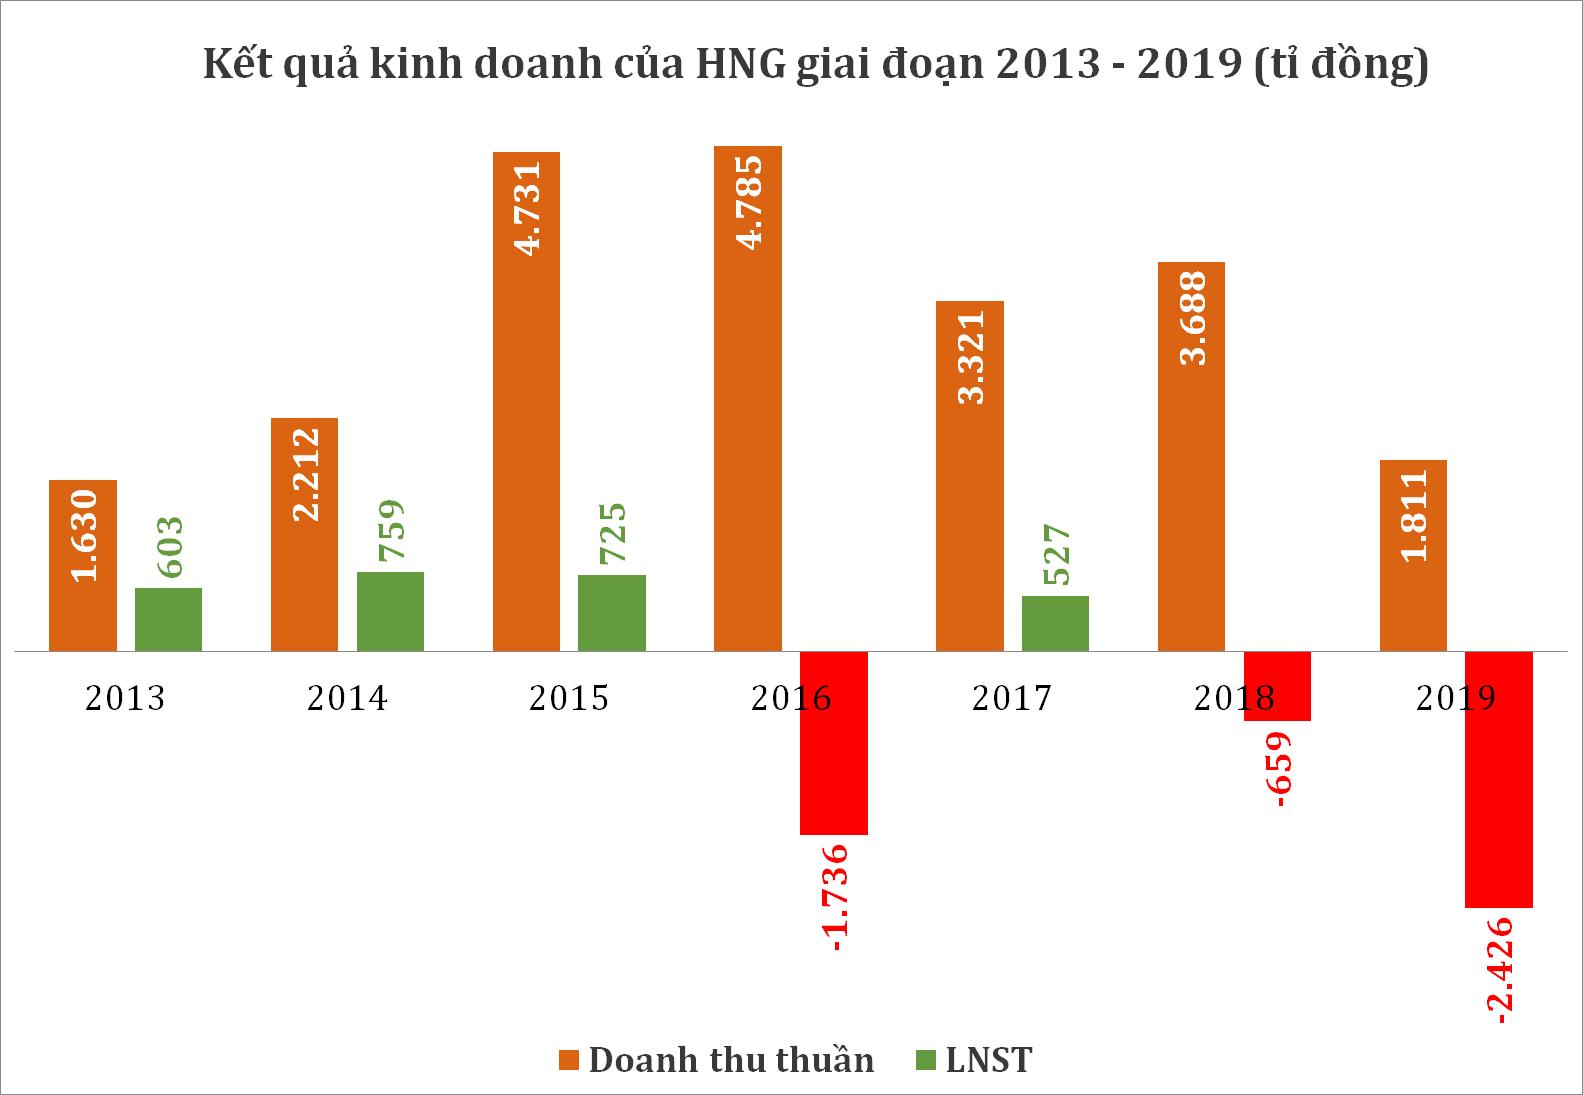 HAGL Agrico lỗ kỉ lục 2.400 tỉ đồng năm 2019, bán công ty con để trả hàng nghìn tỉ đồng nợ vay  - Ảnh 1.